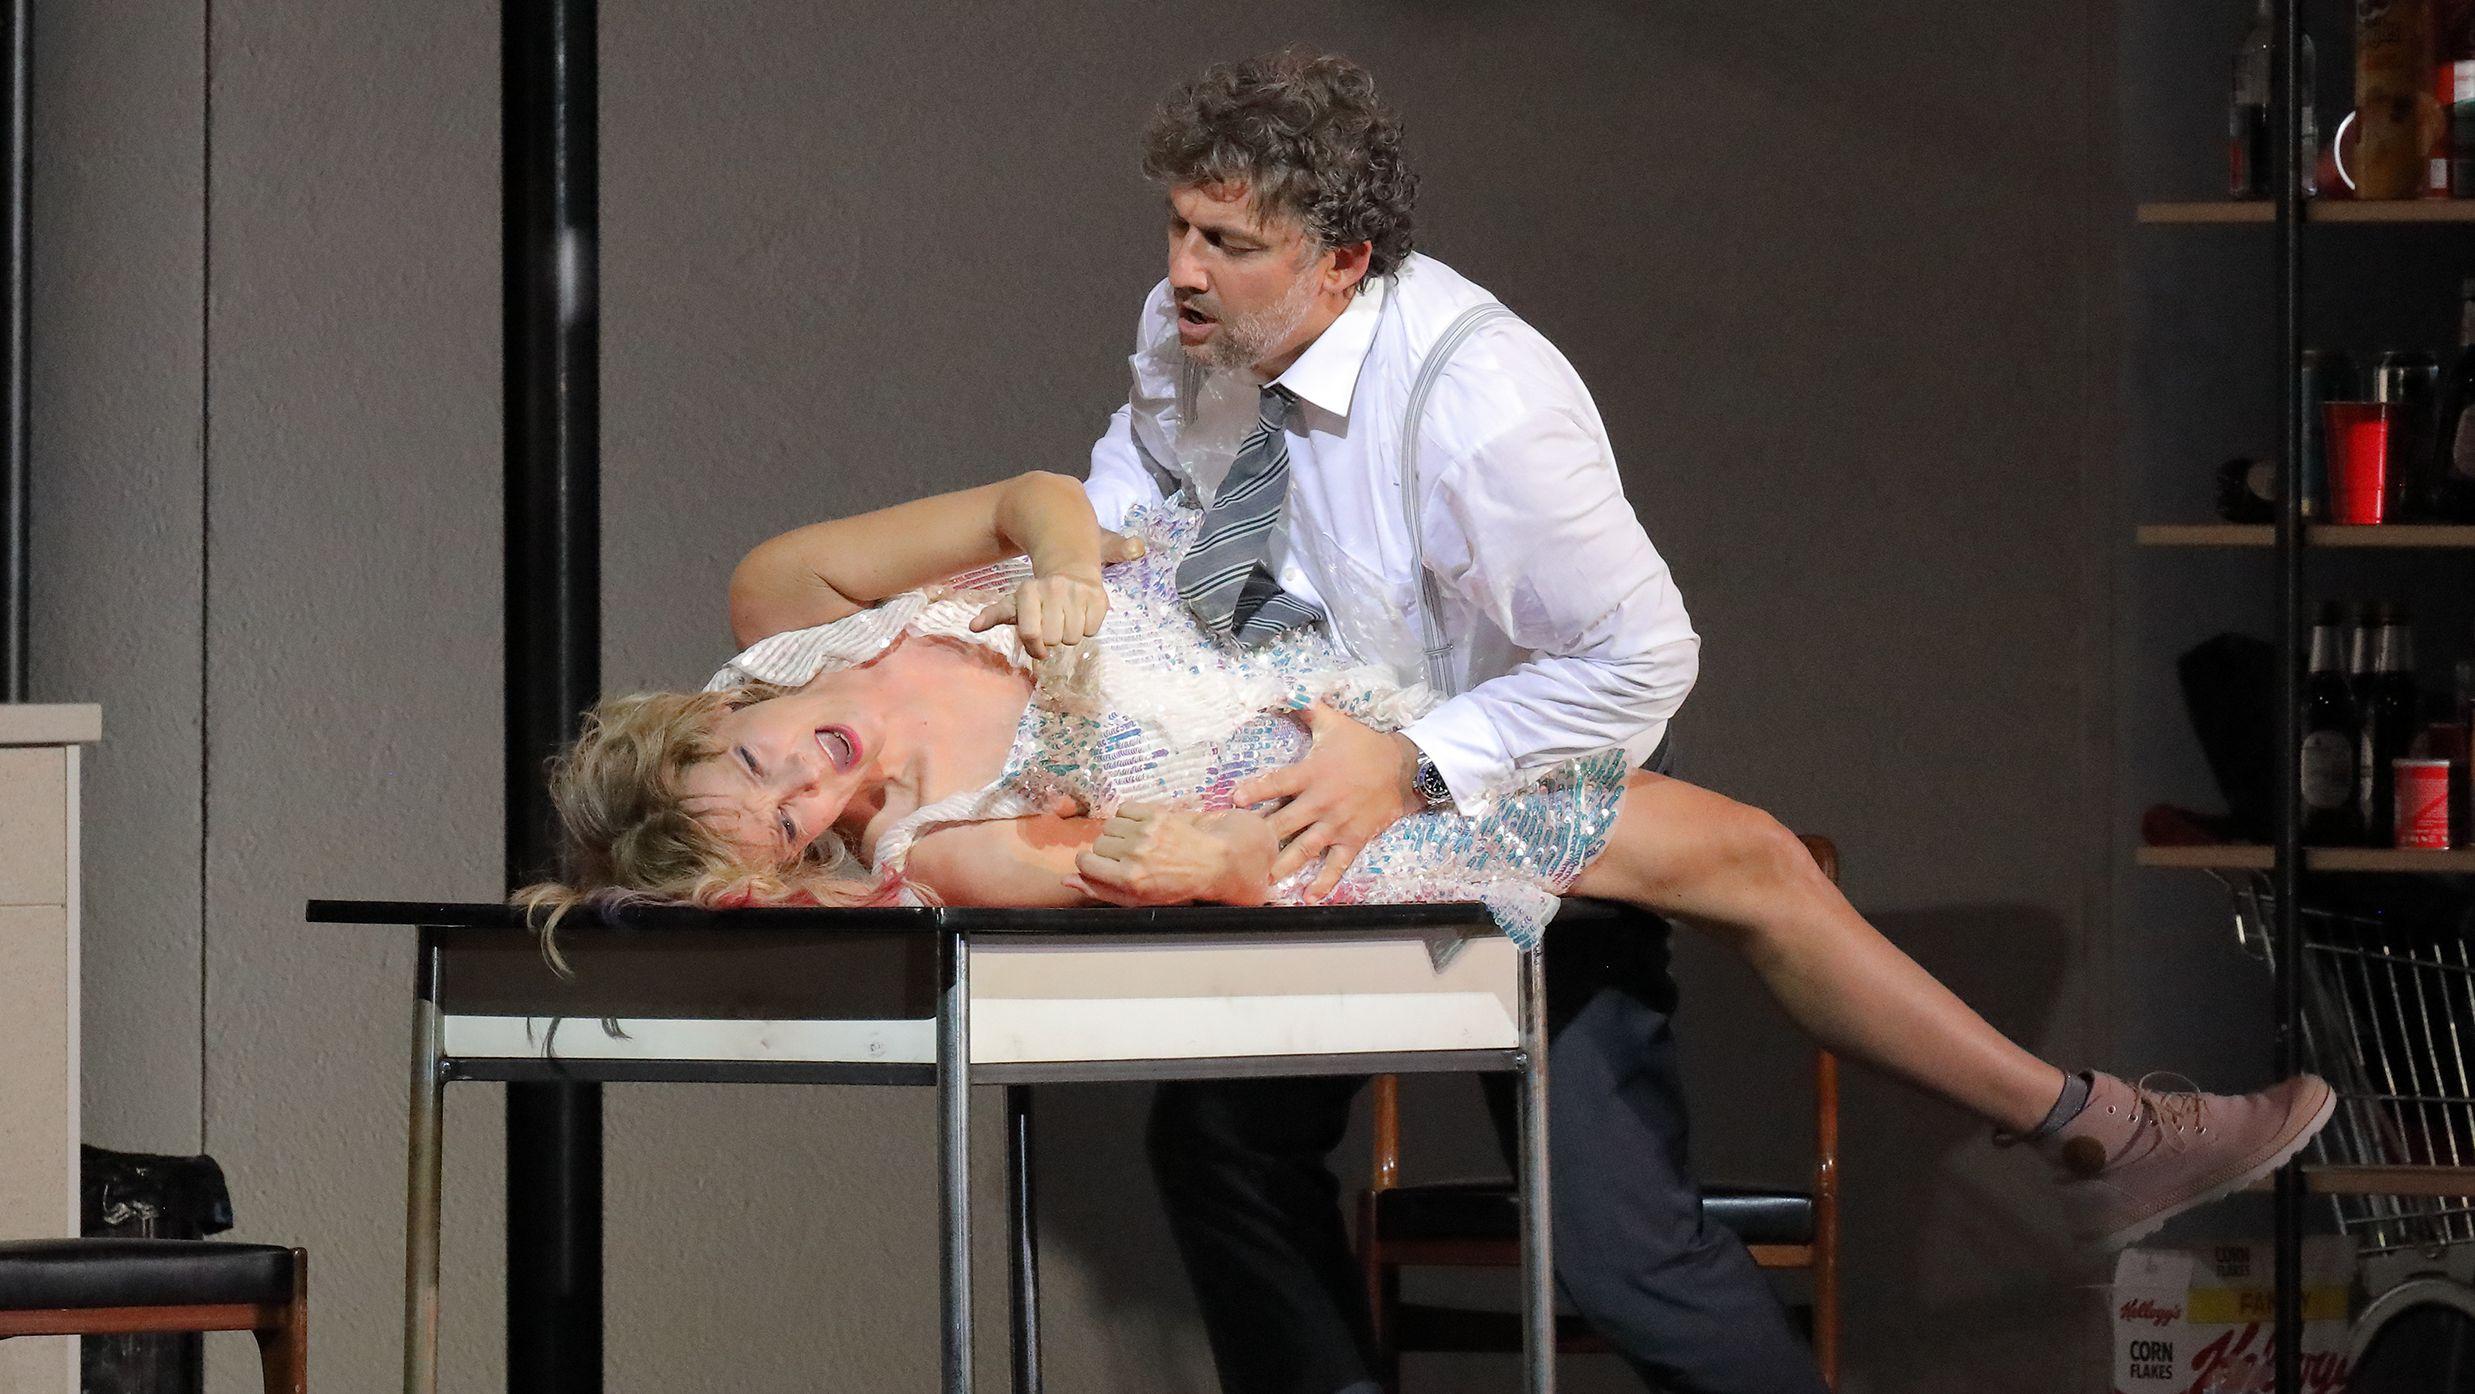 Paul kommt Marietta näher - oder ist es nur Fantasie?